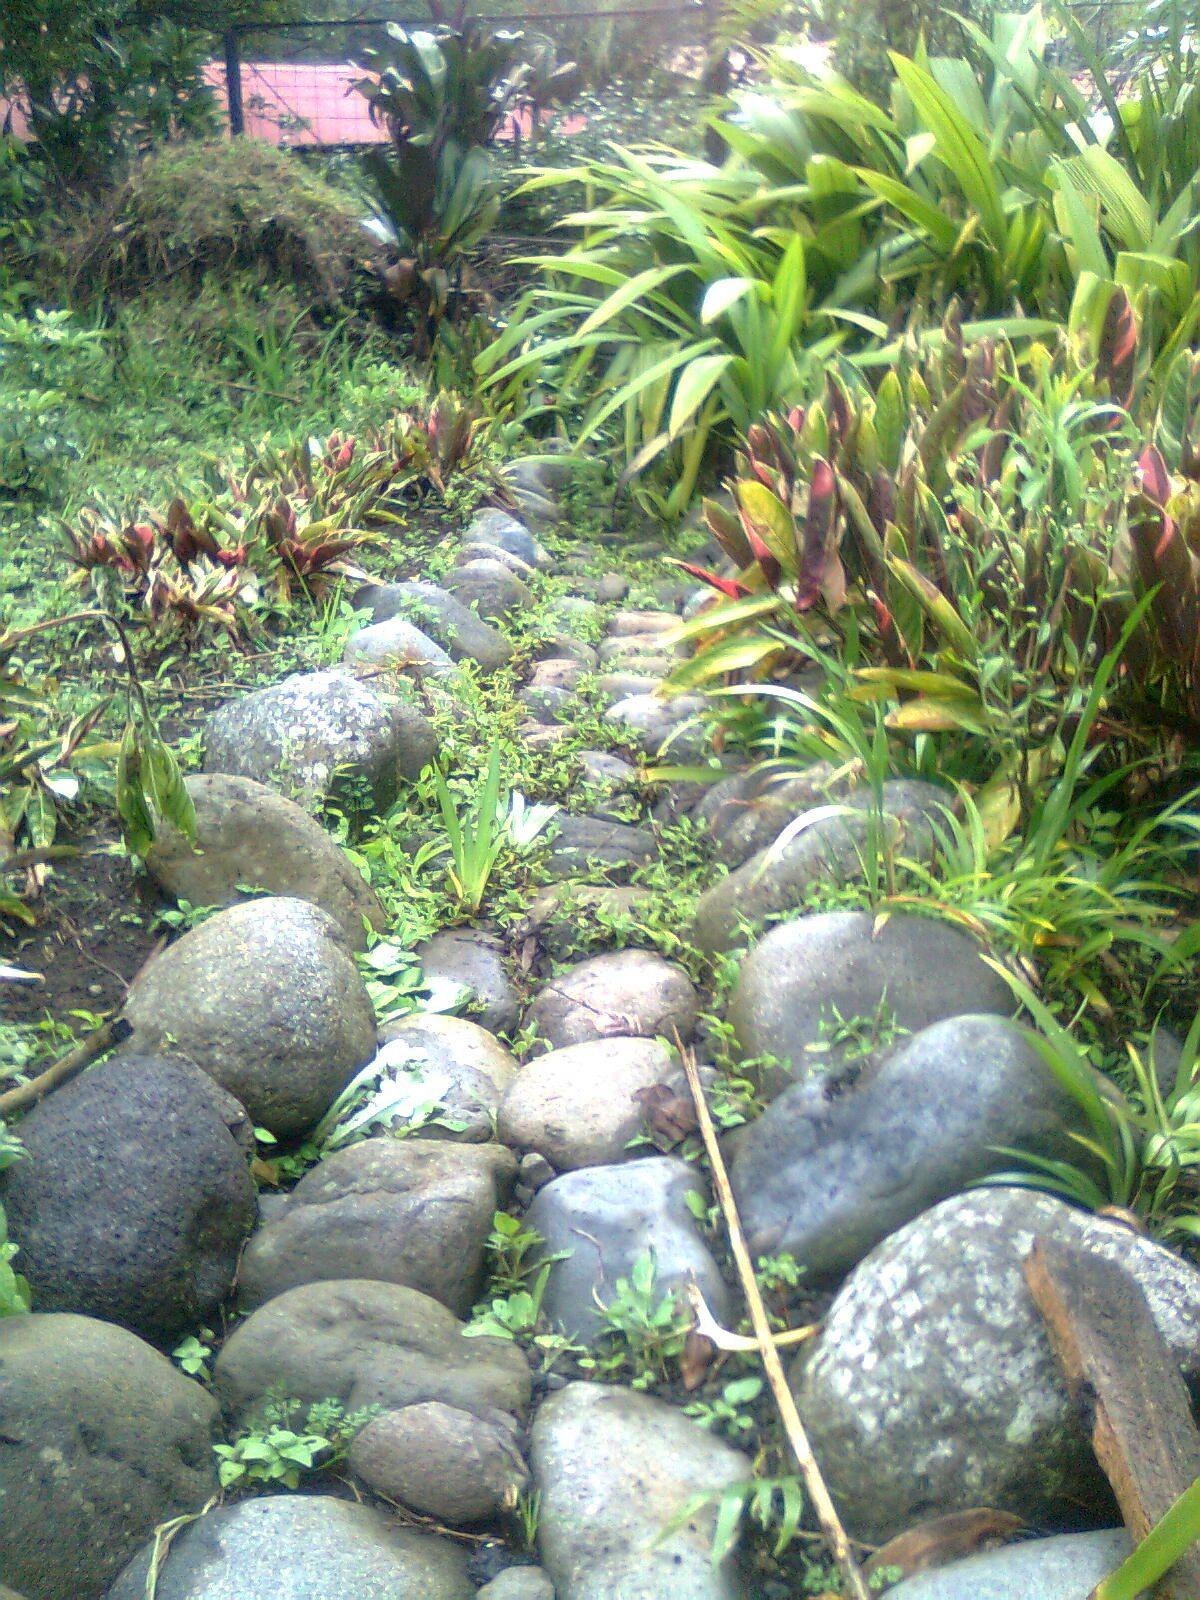 Calzada de piedra para drenaje de jardin el jard n for Como decorar mi jardin con piedras y plantas